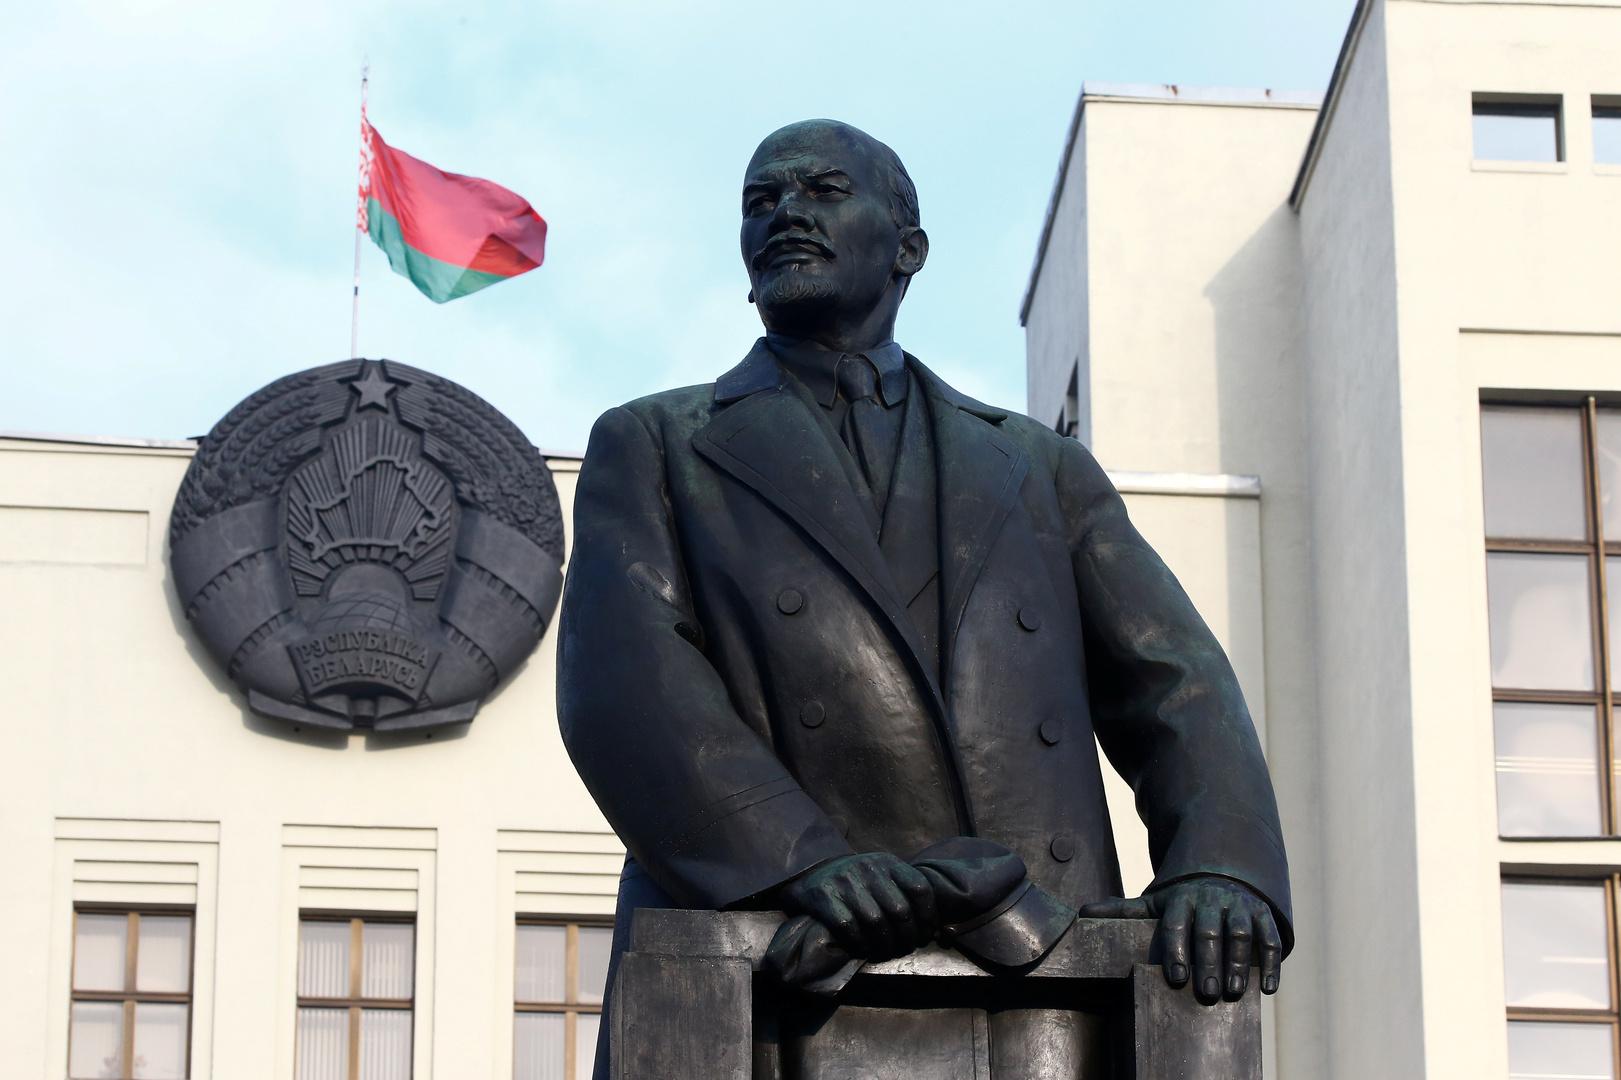 السفارة الروسية في مينسك: لم نتلق بلاغا رسميا باعتقال مواطنين روس في بيلاروسيا